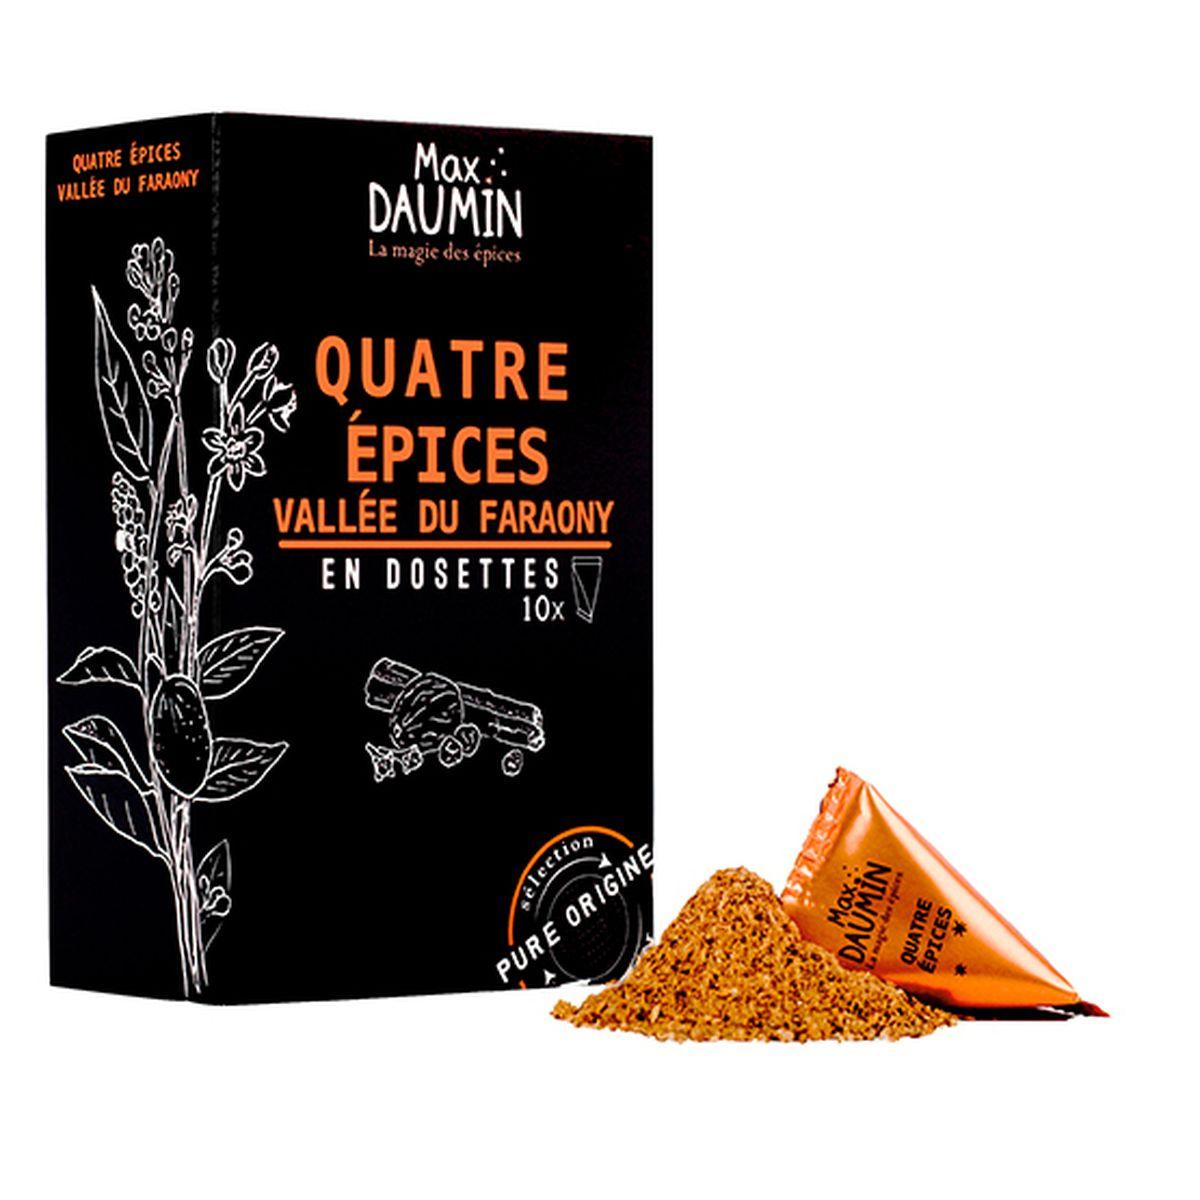 Quatre épices - Max Daumin